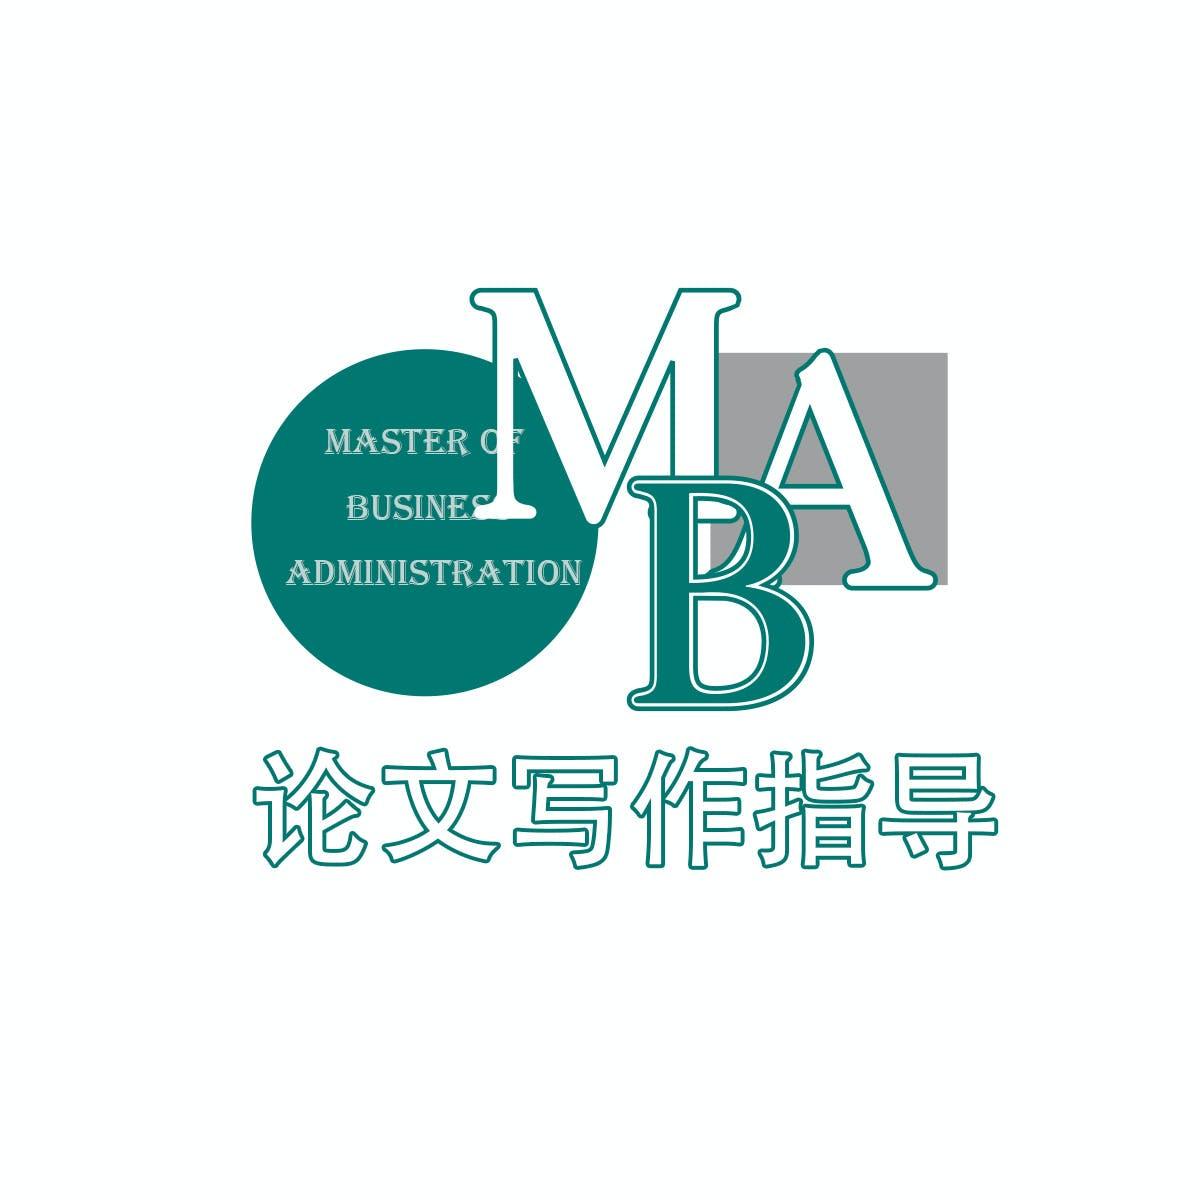 《MBA论文写作指导》